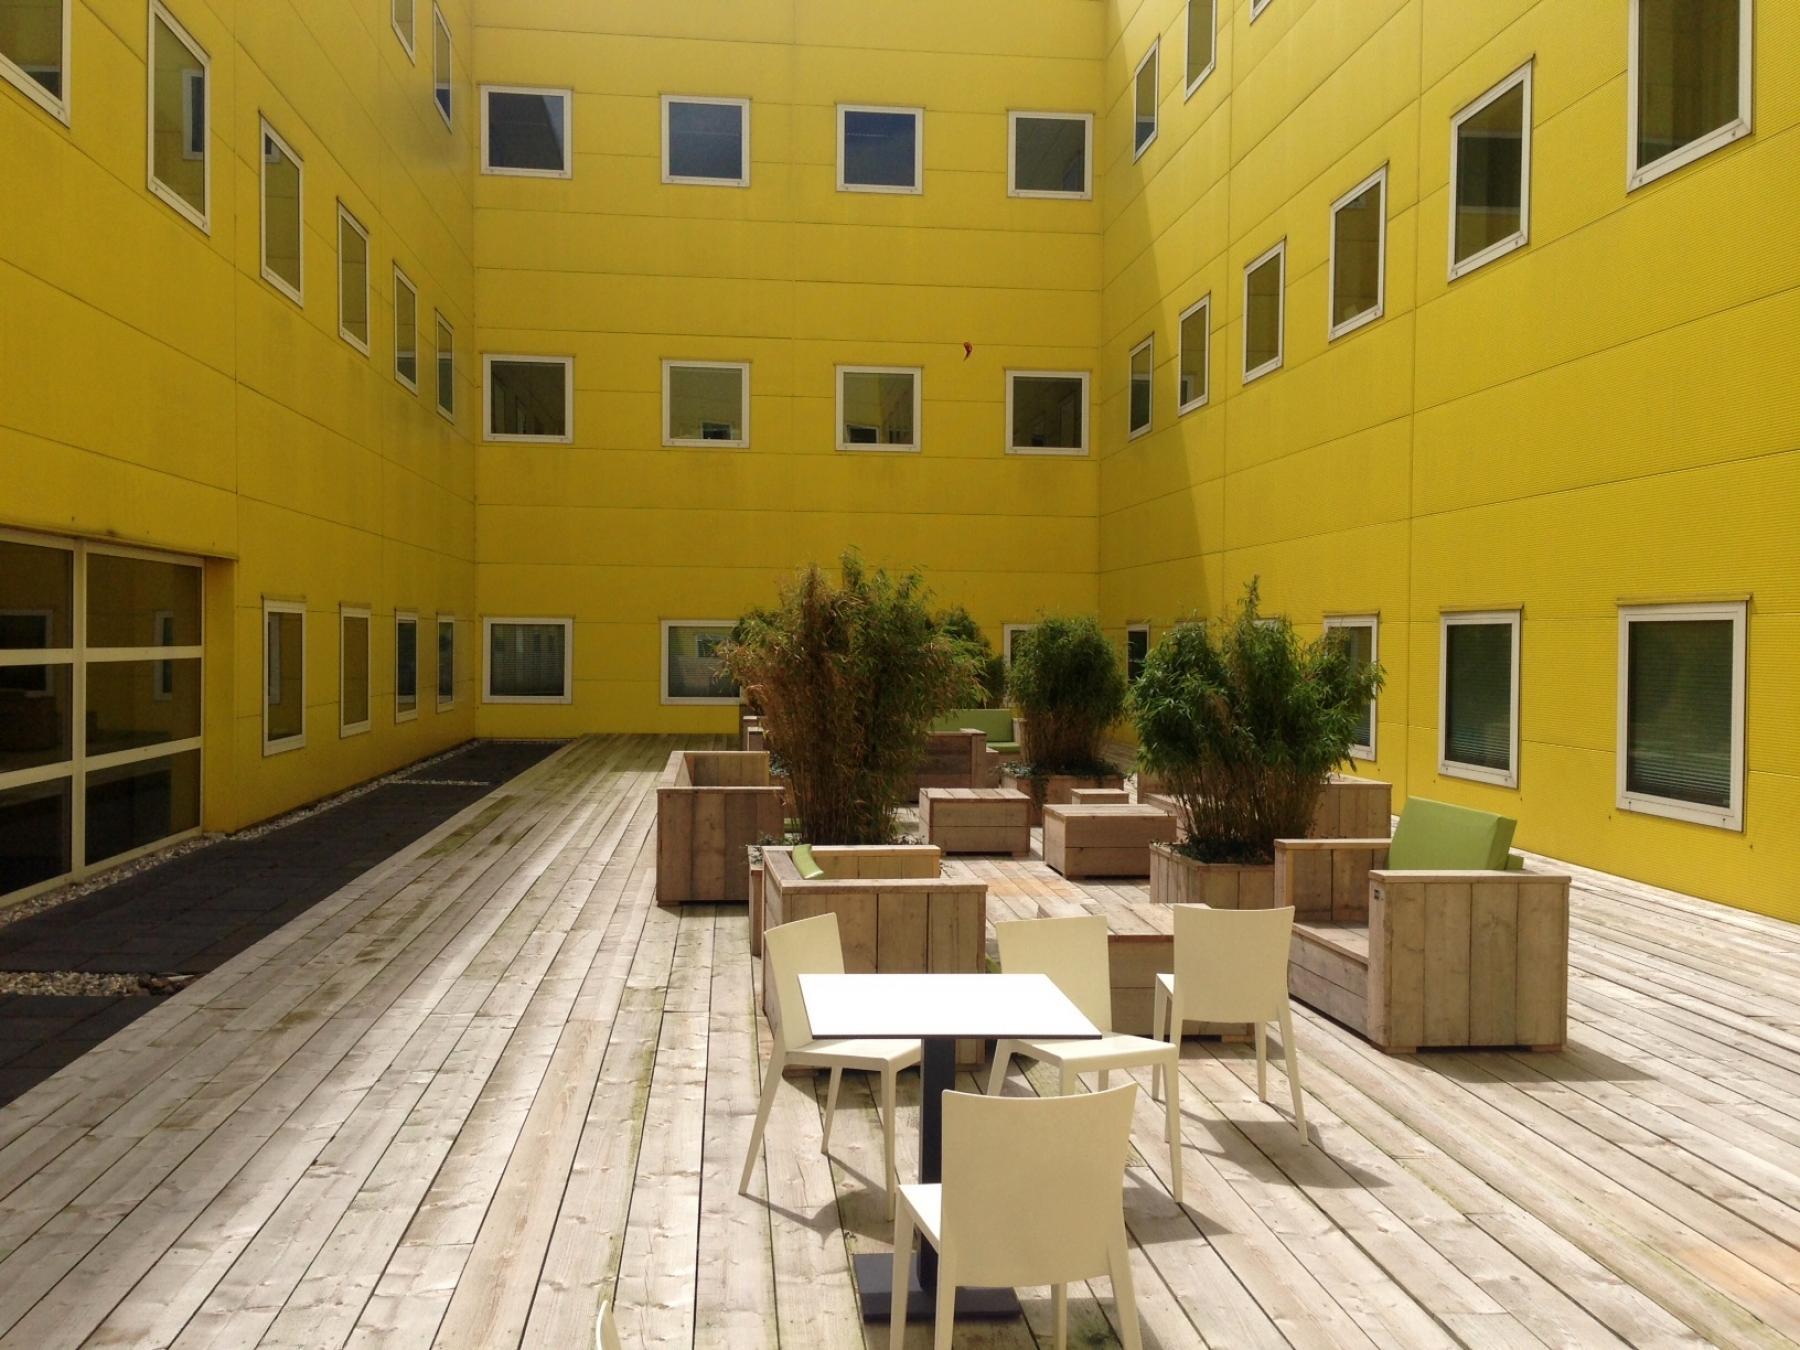 terras lunchruimte kantoorgebouw iconisch geel zoetermeer